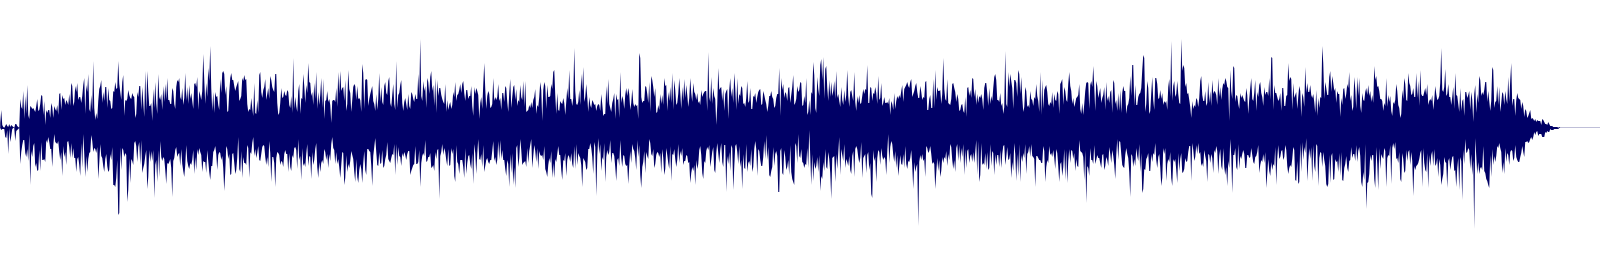 waveform of track #158861